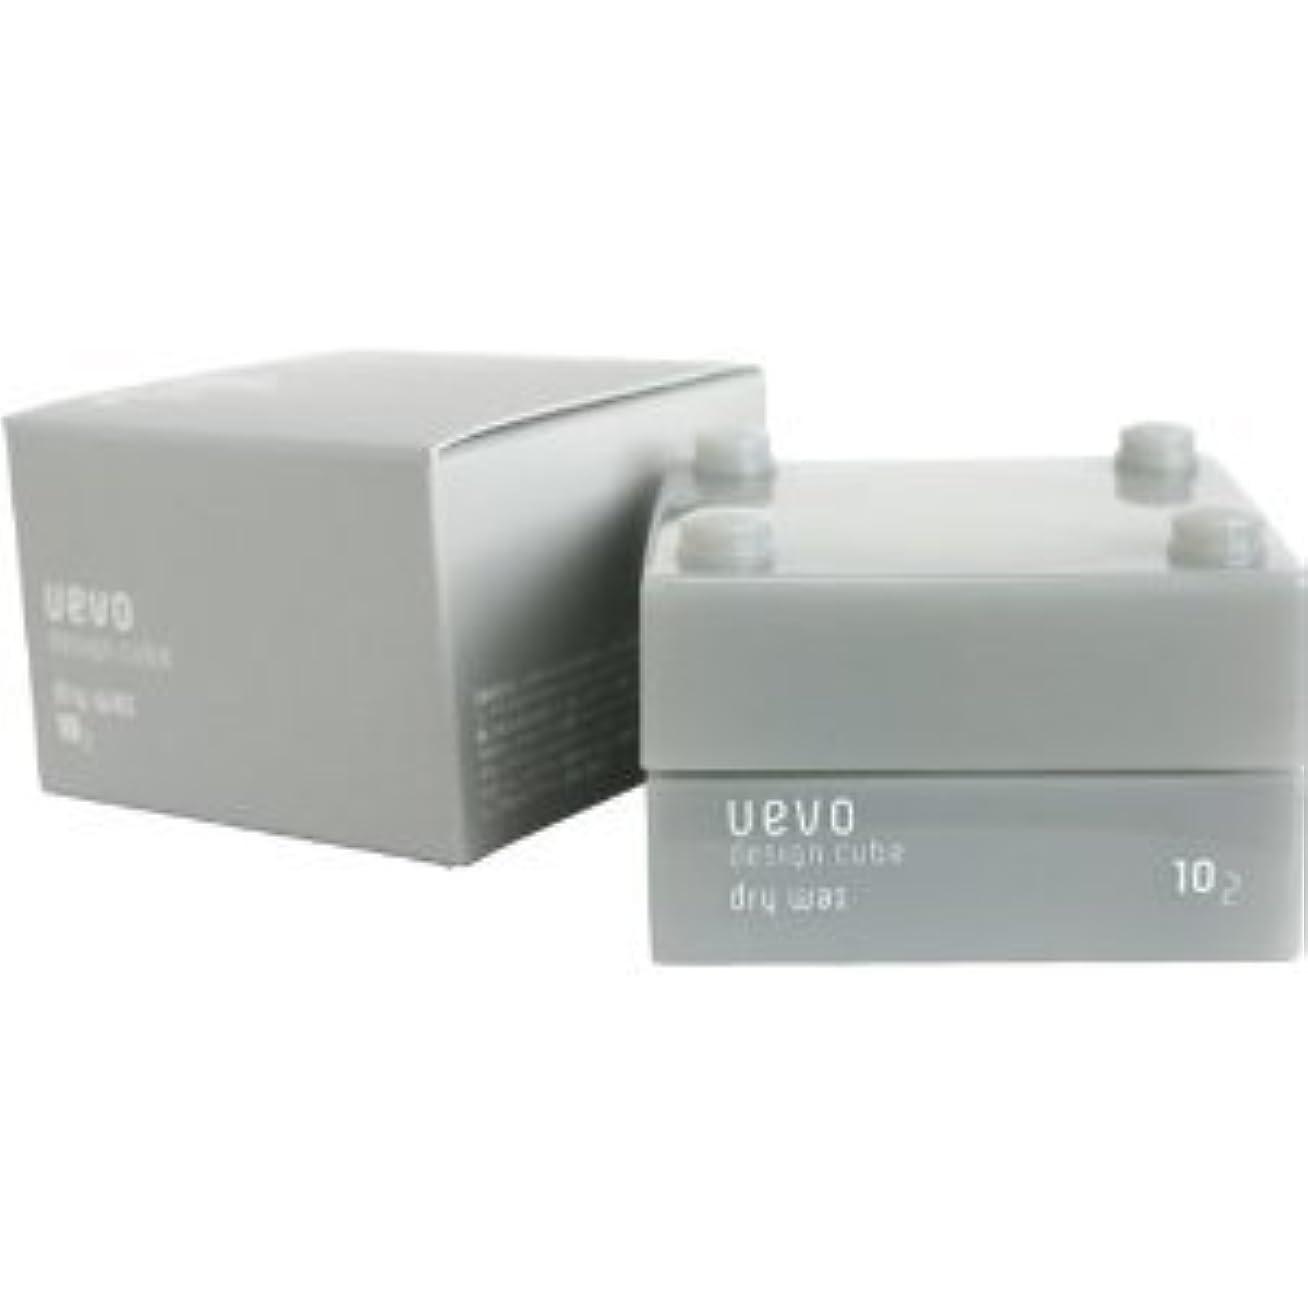 期限切れびっくり民族主義【X2個セット】 デミ ウェーボ デザインキューブ ドライワックス 30g dry wax DEMI uevo design cube